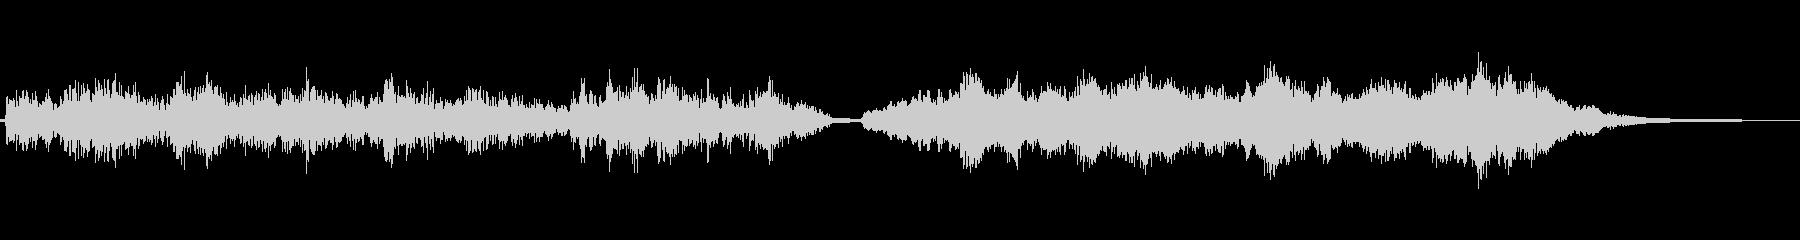 ドリームアトモスフィア-空虚_快感-電子の未再生の波形